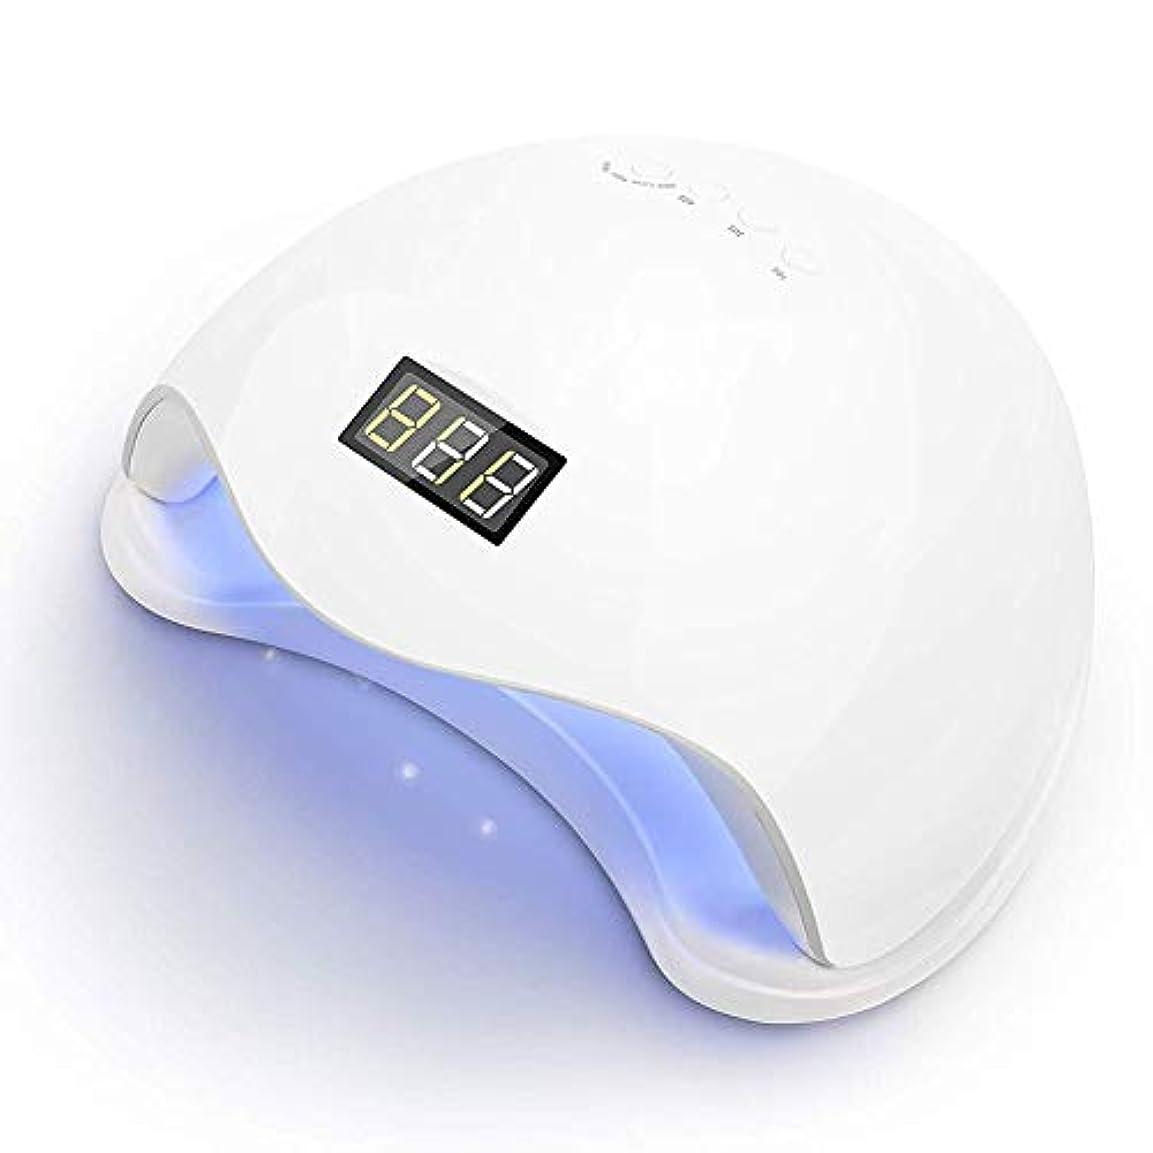 良さニュースブラウザ釘のドライヤーの治癒ランプ、4つのタイマー10s / 30s / 60s / 99s 36Wのゲルのマニキュアの紫外線のための紫外線LEDの釘ランプ